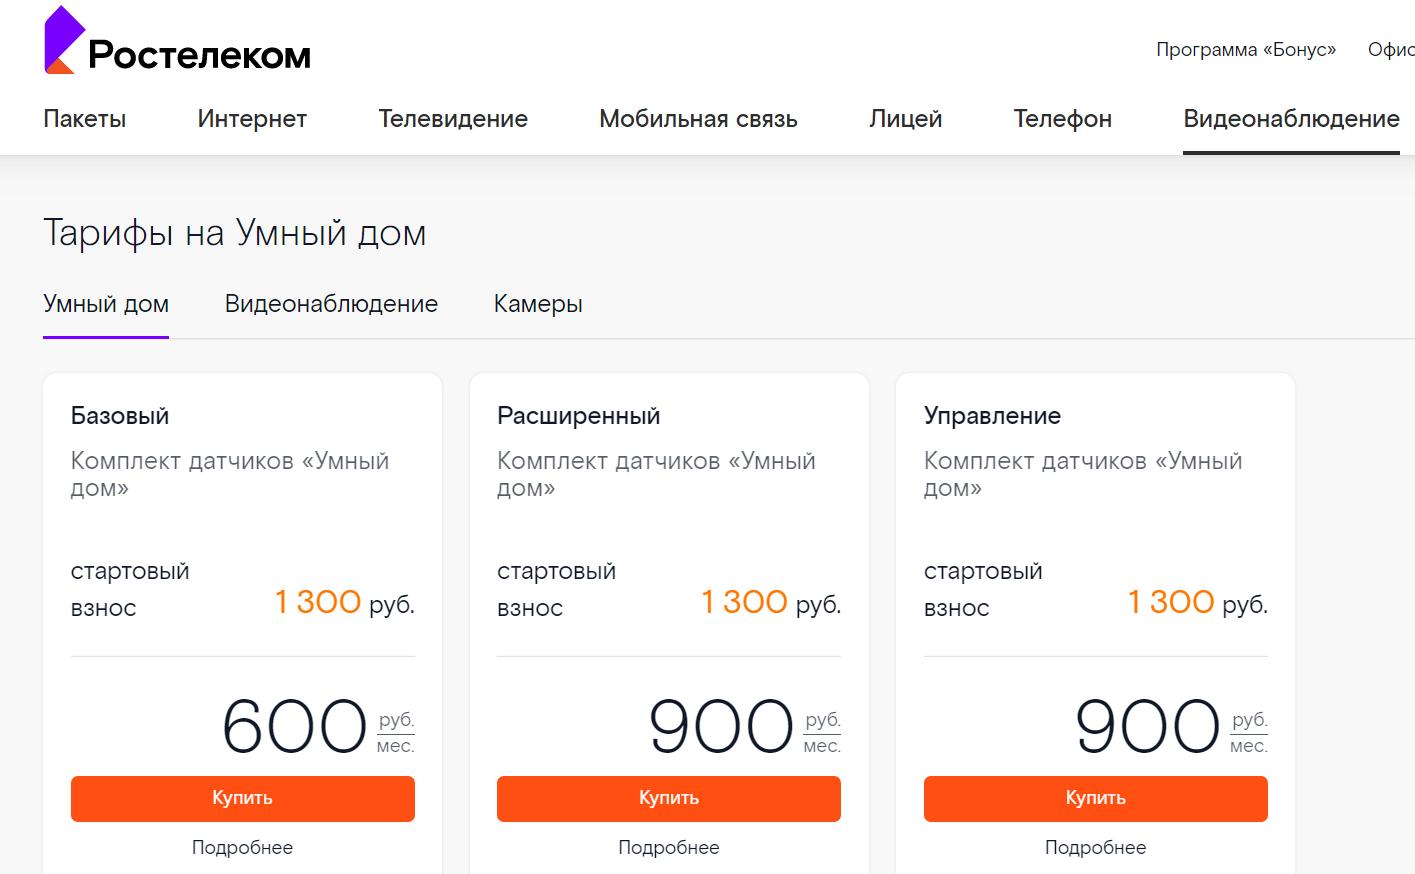 Что предлагает своим абонентам Ростелеком ТВ